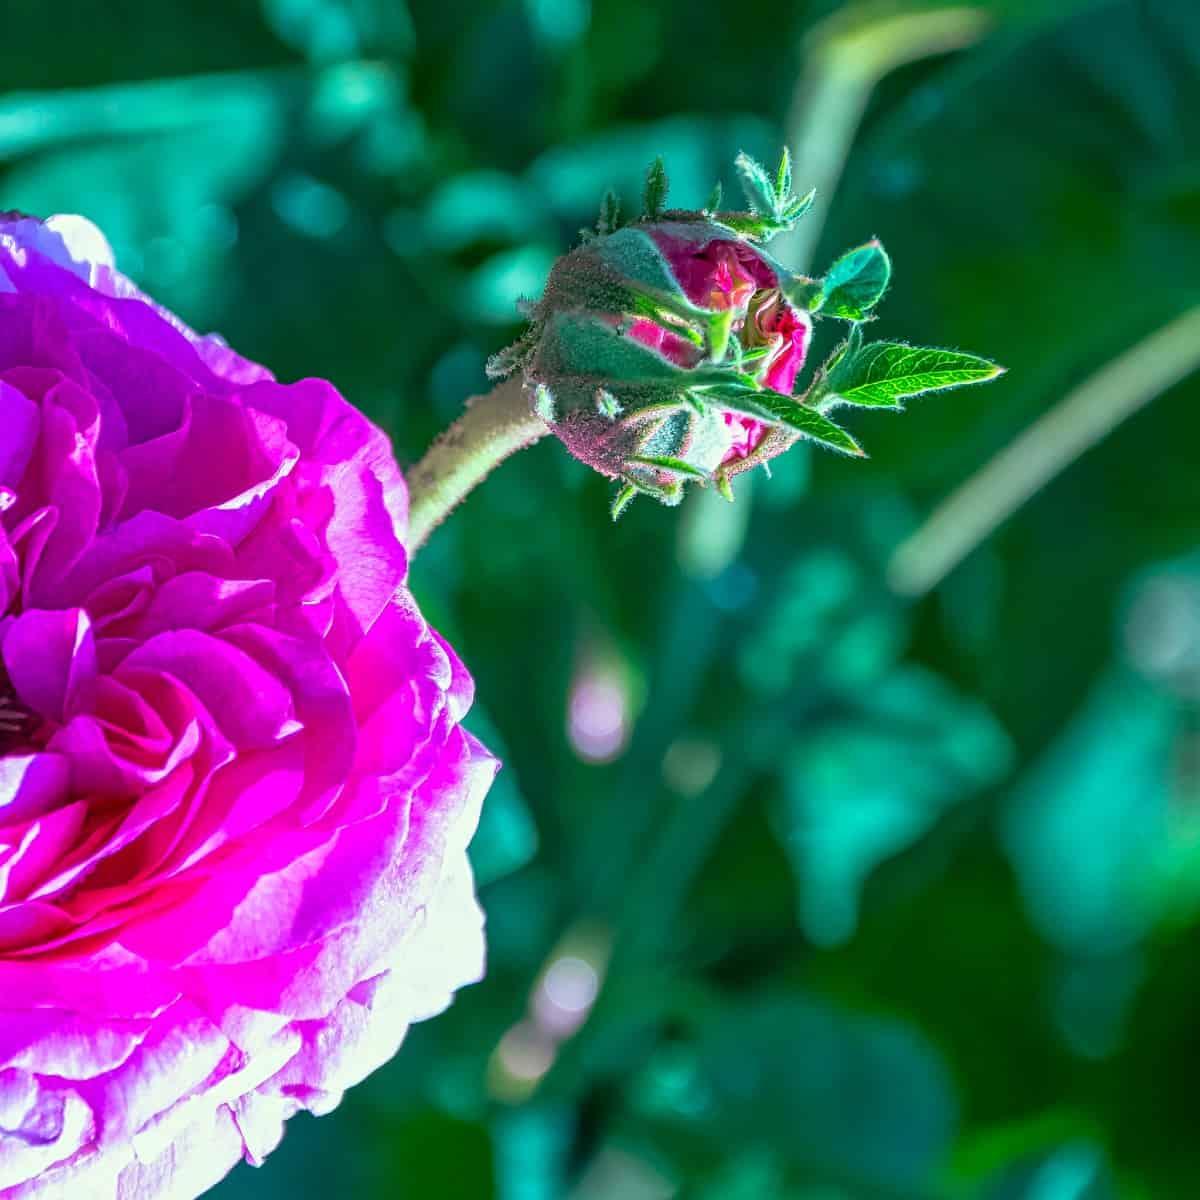 The Souvenir de Kean rose has no thorns at all.